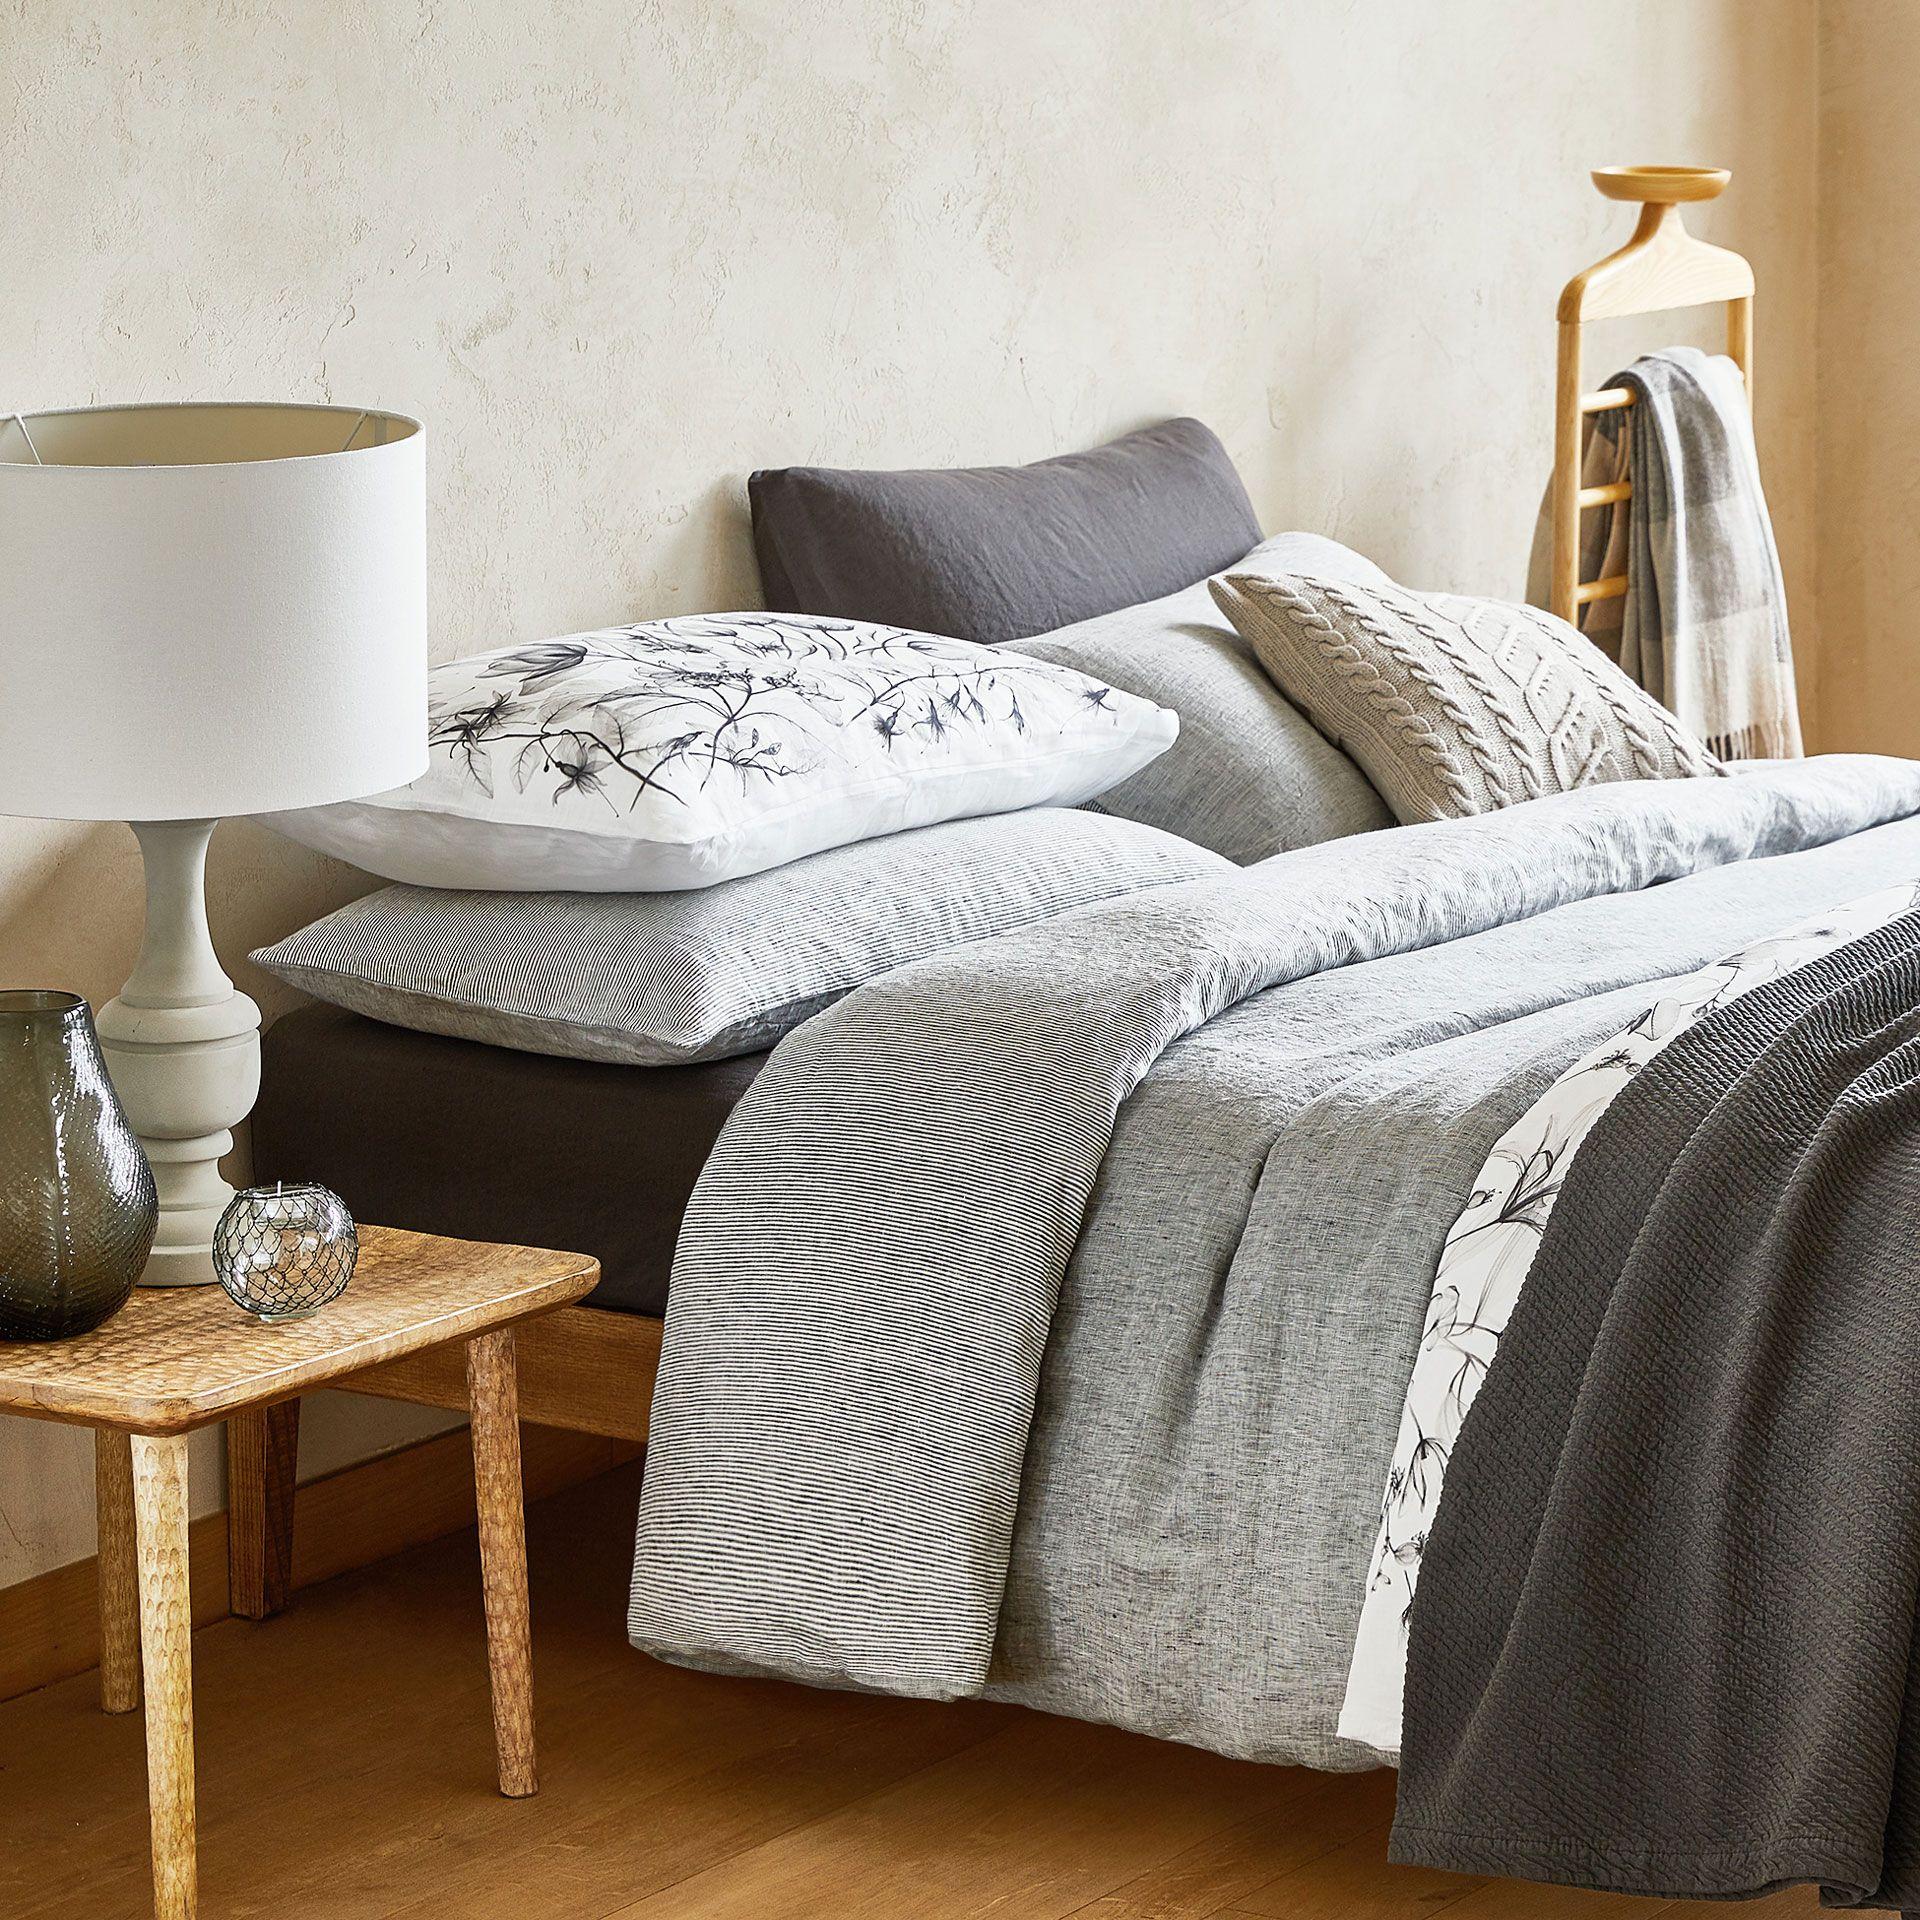 image 2 du produit housse de couette lin lav fil teint r versible zara home pinterest. Black Bedroom Furniture Sets. Home Design Ideas